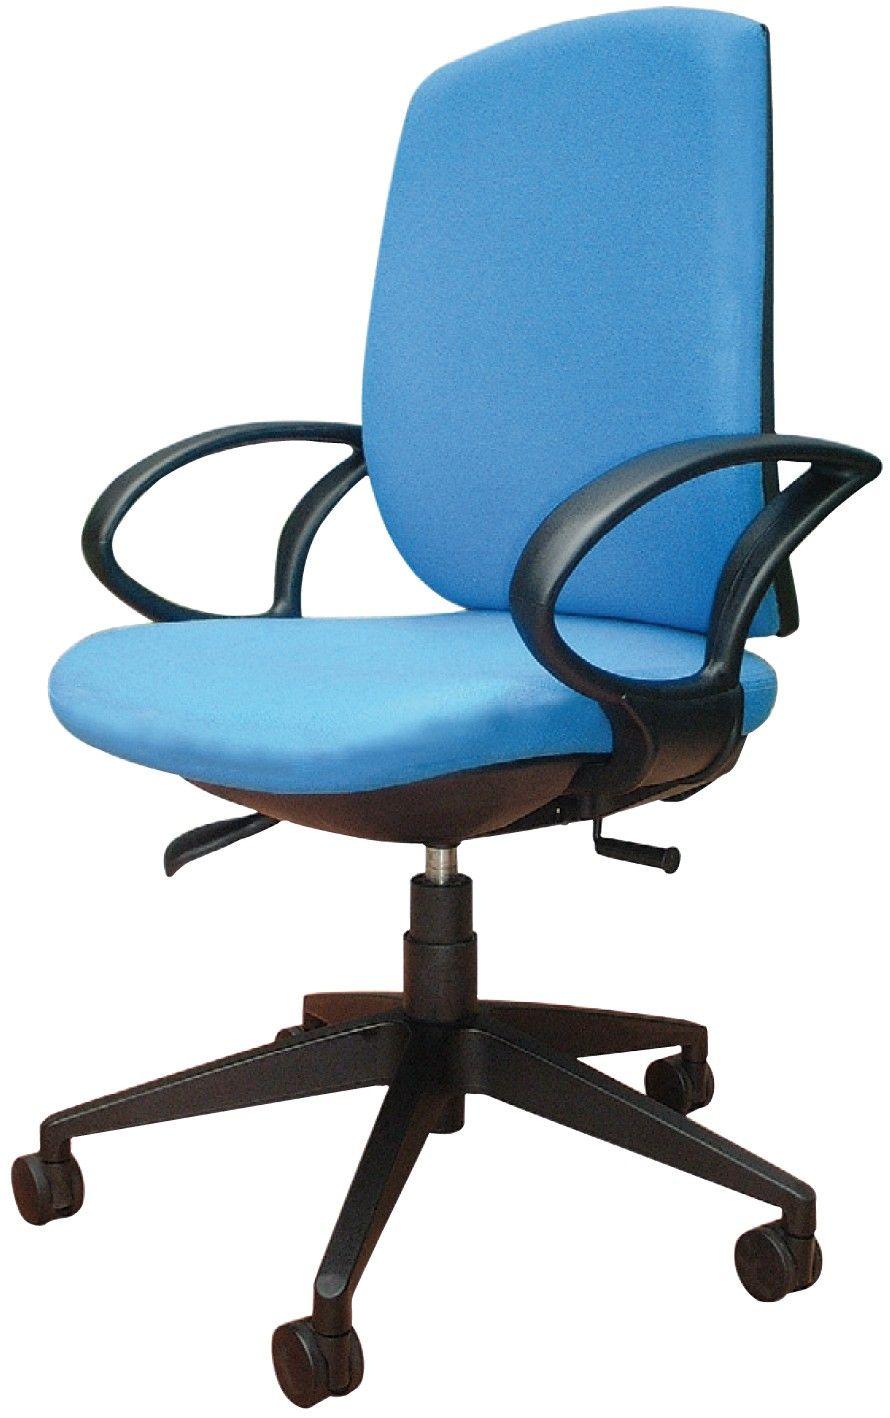 Silla Para Escritorio Color Azul Chair Office Chair Decor